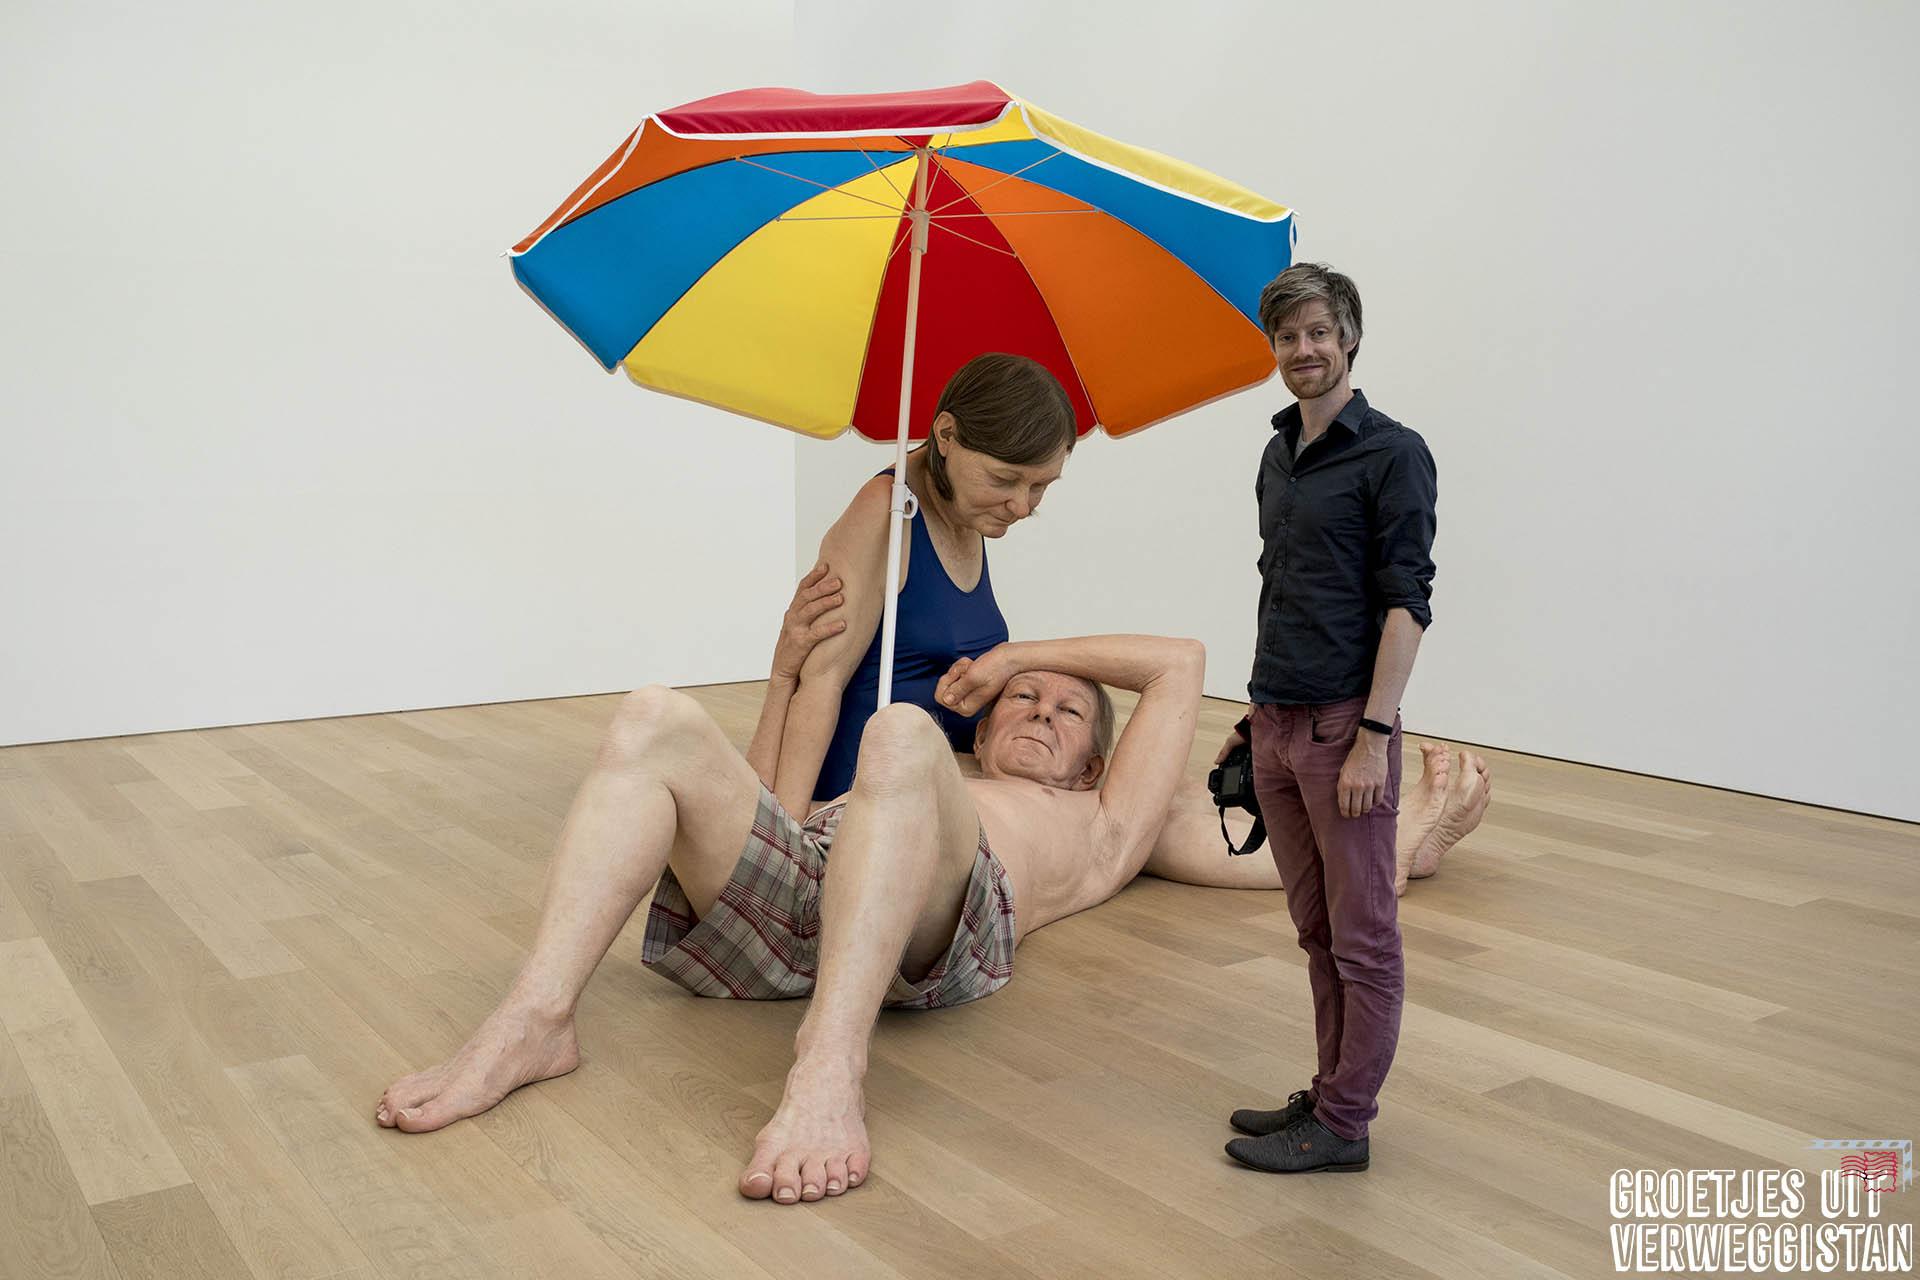 Twee realistische beelden van een ouder echtpaar onder een parasol: twee keer zo groot als normale mensen. Kunstwerk van Ron Mueck.